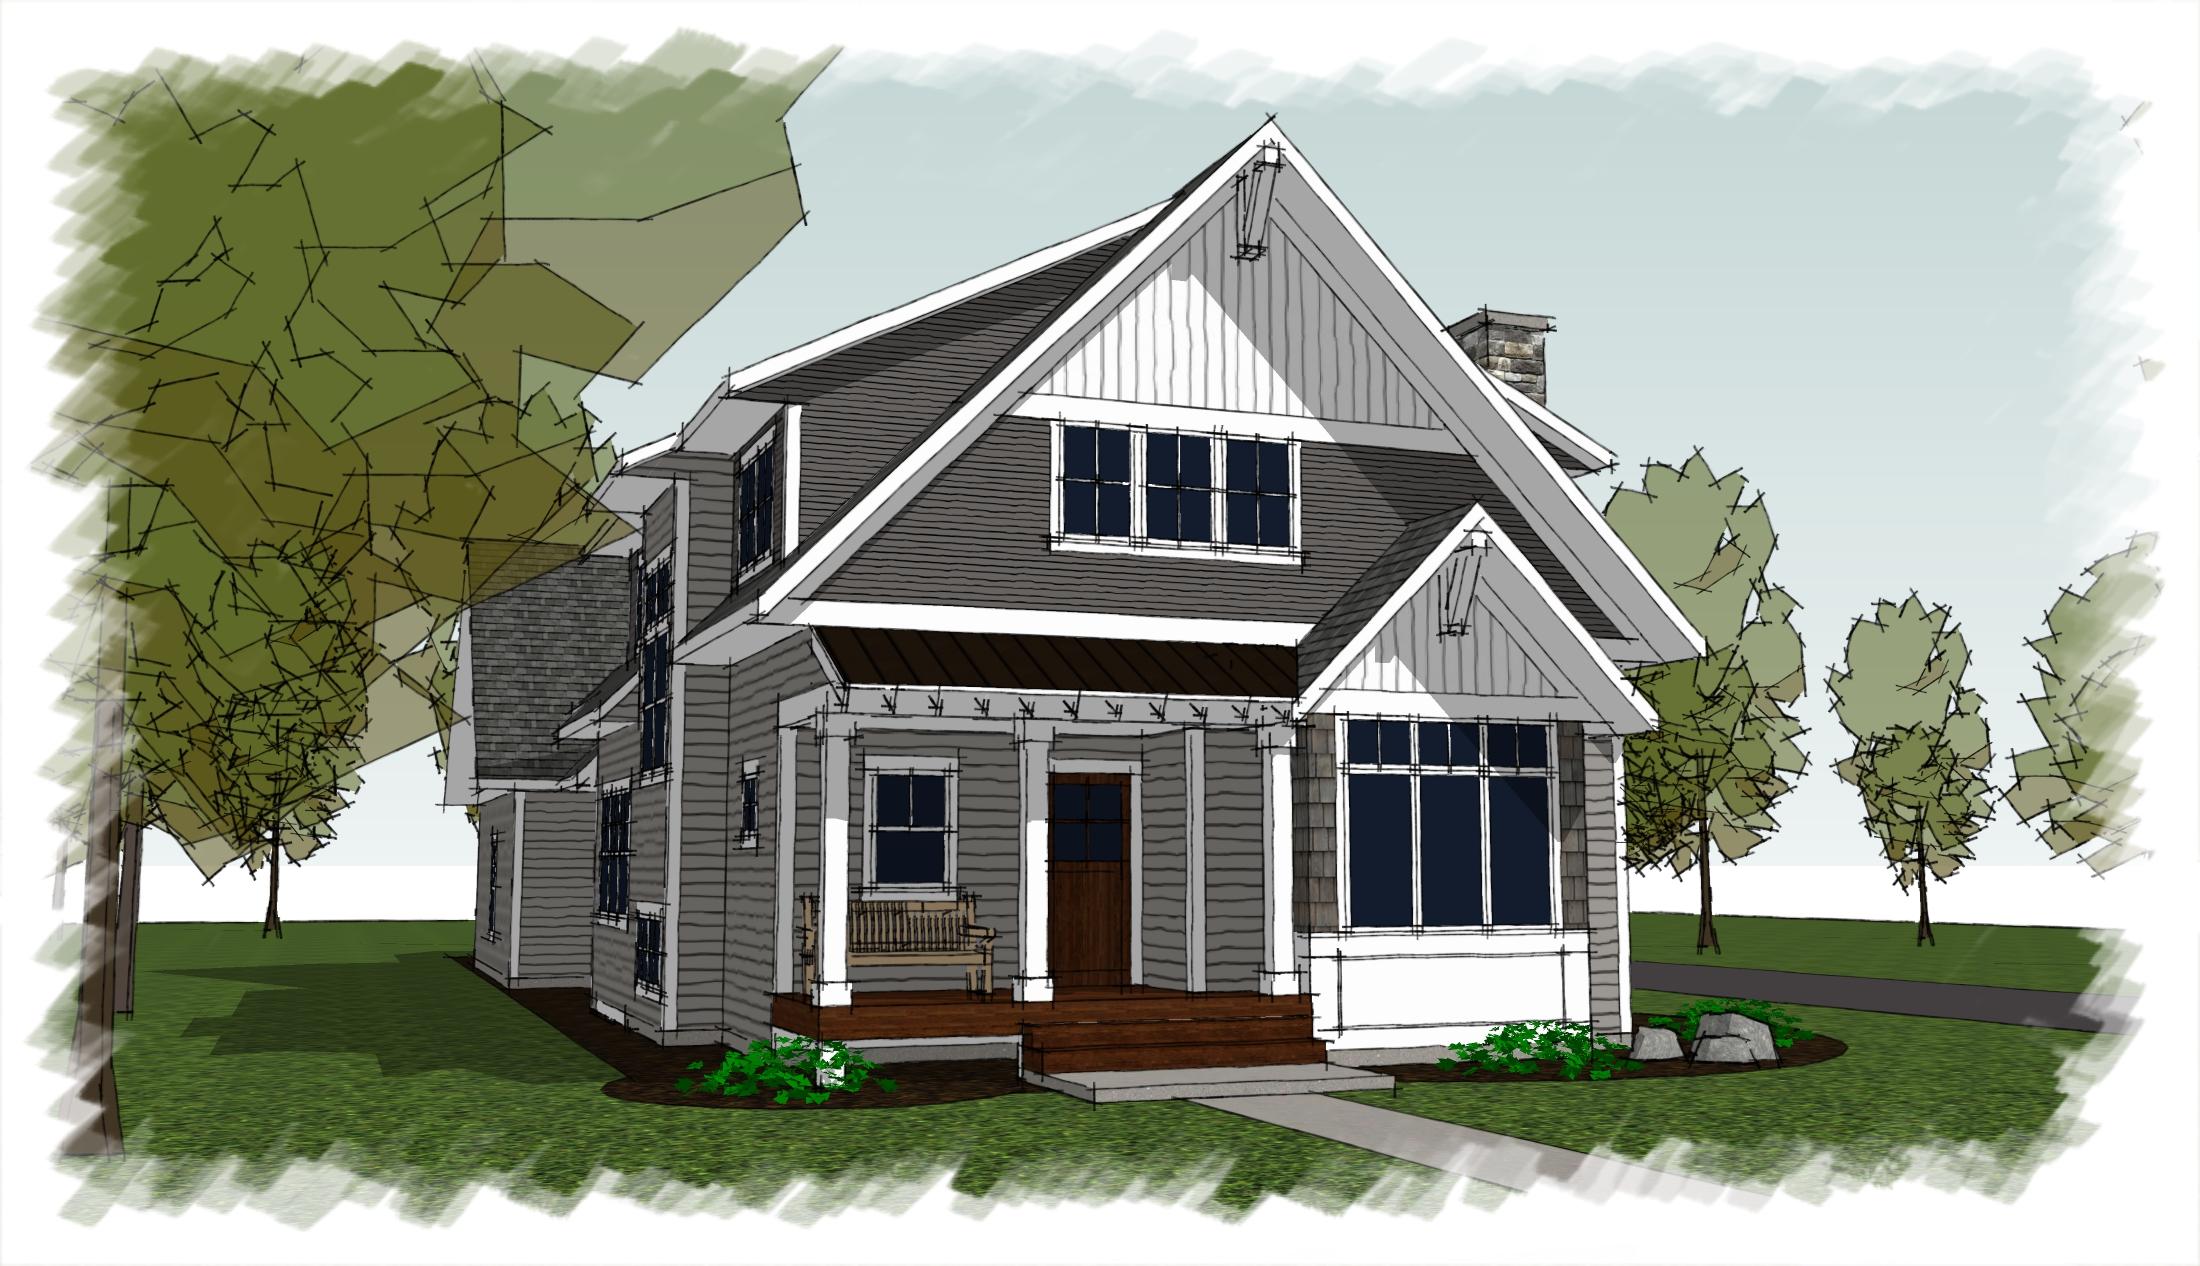 Benton Home Builders